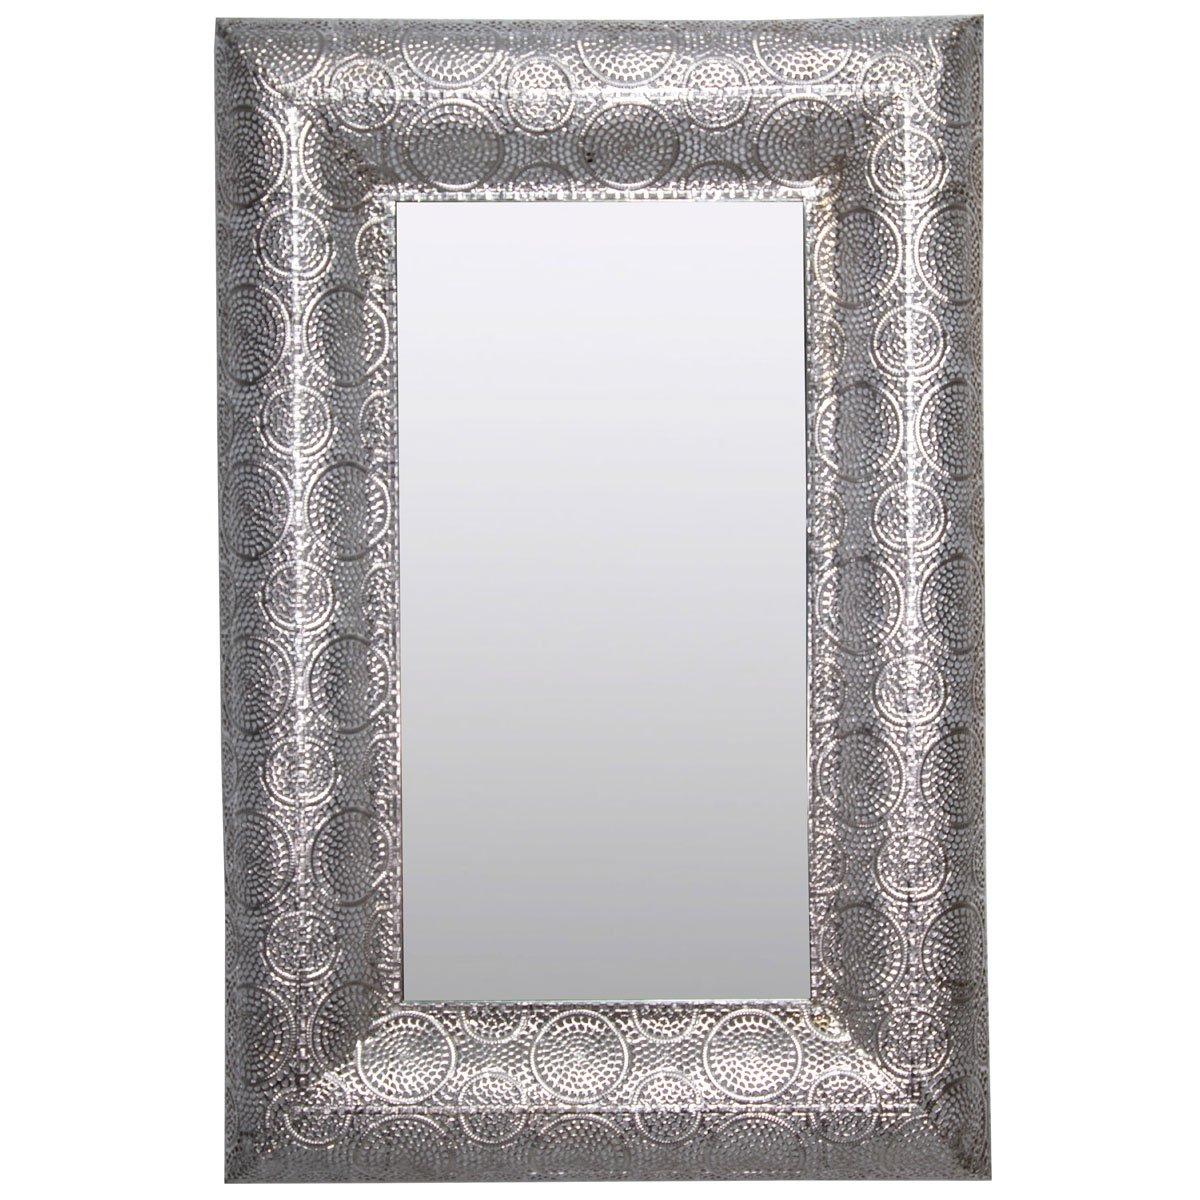 Home nature espejo de pared rectangular de metal sears for Espejo rectangular pared